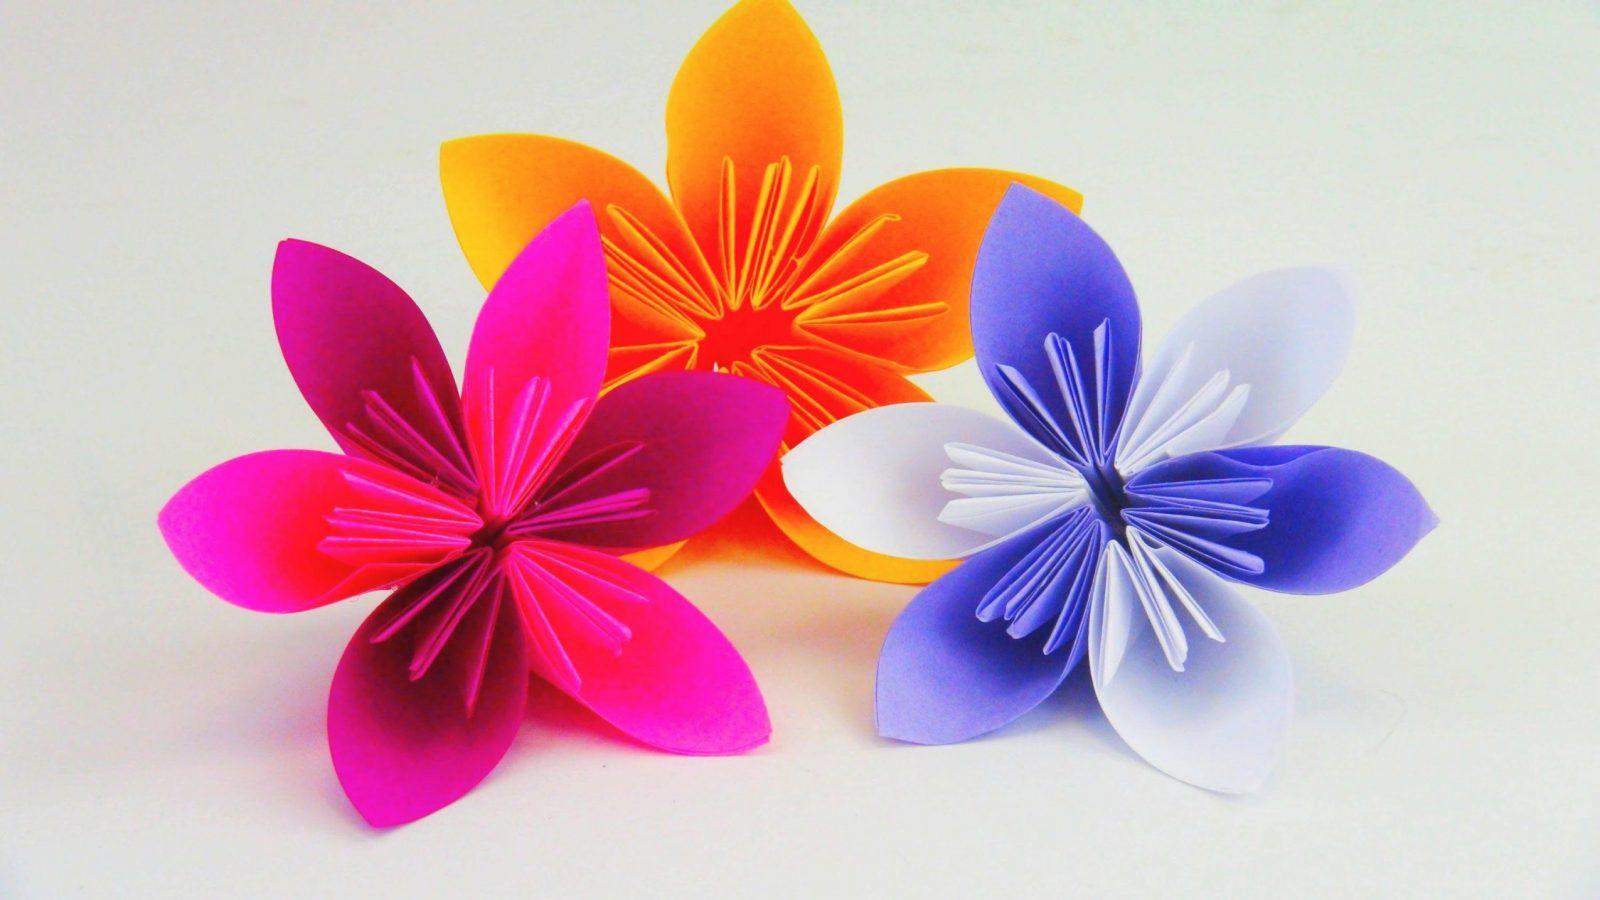 Blume Falten Origami Diy  Schöne Blumen Für Den Frühling  Ostern von Blume Aus Papier Falten Anleitung Bild